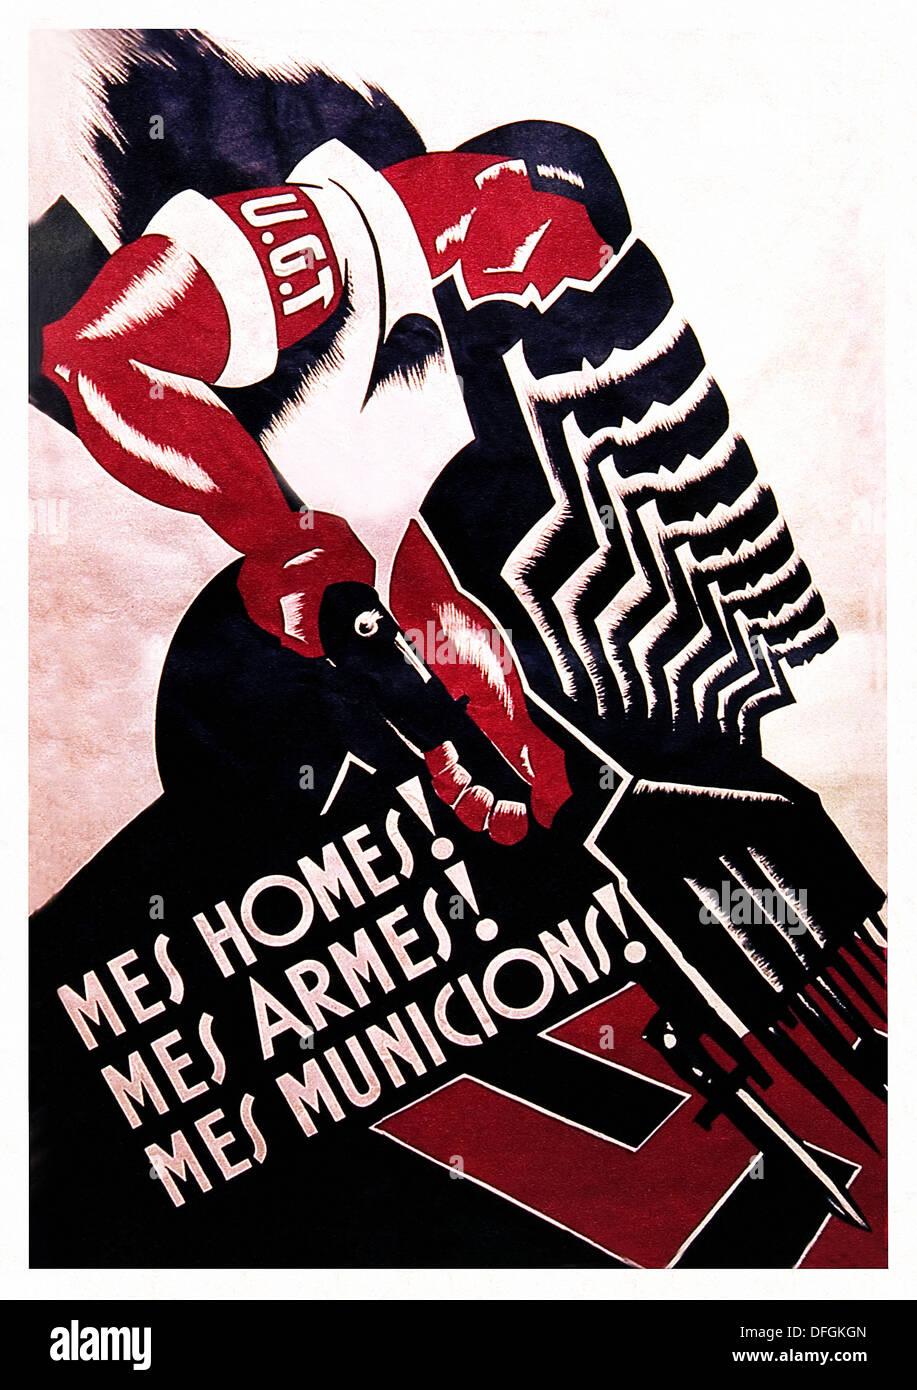 Spanish civil war (1936-1939): Més homes! Més Armes! Més Municions! (More Men! More Weapons! More Ammunitions!). Catalan UGT - Stock Image